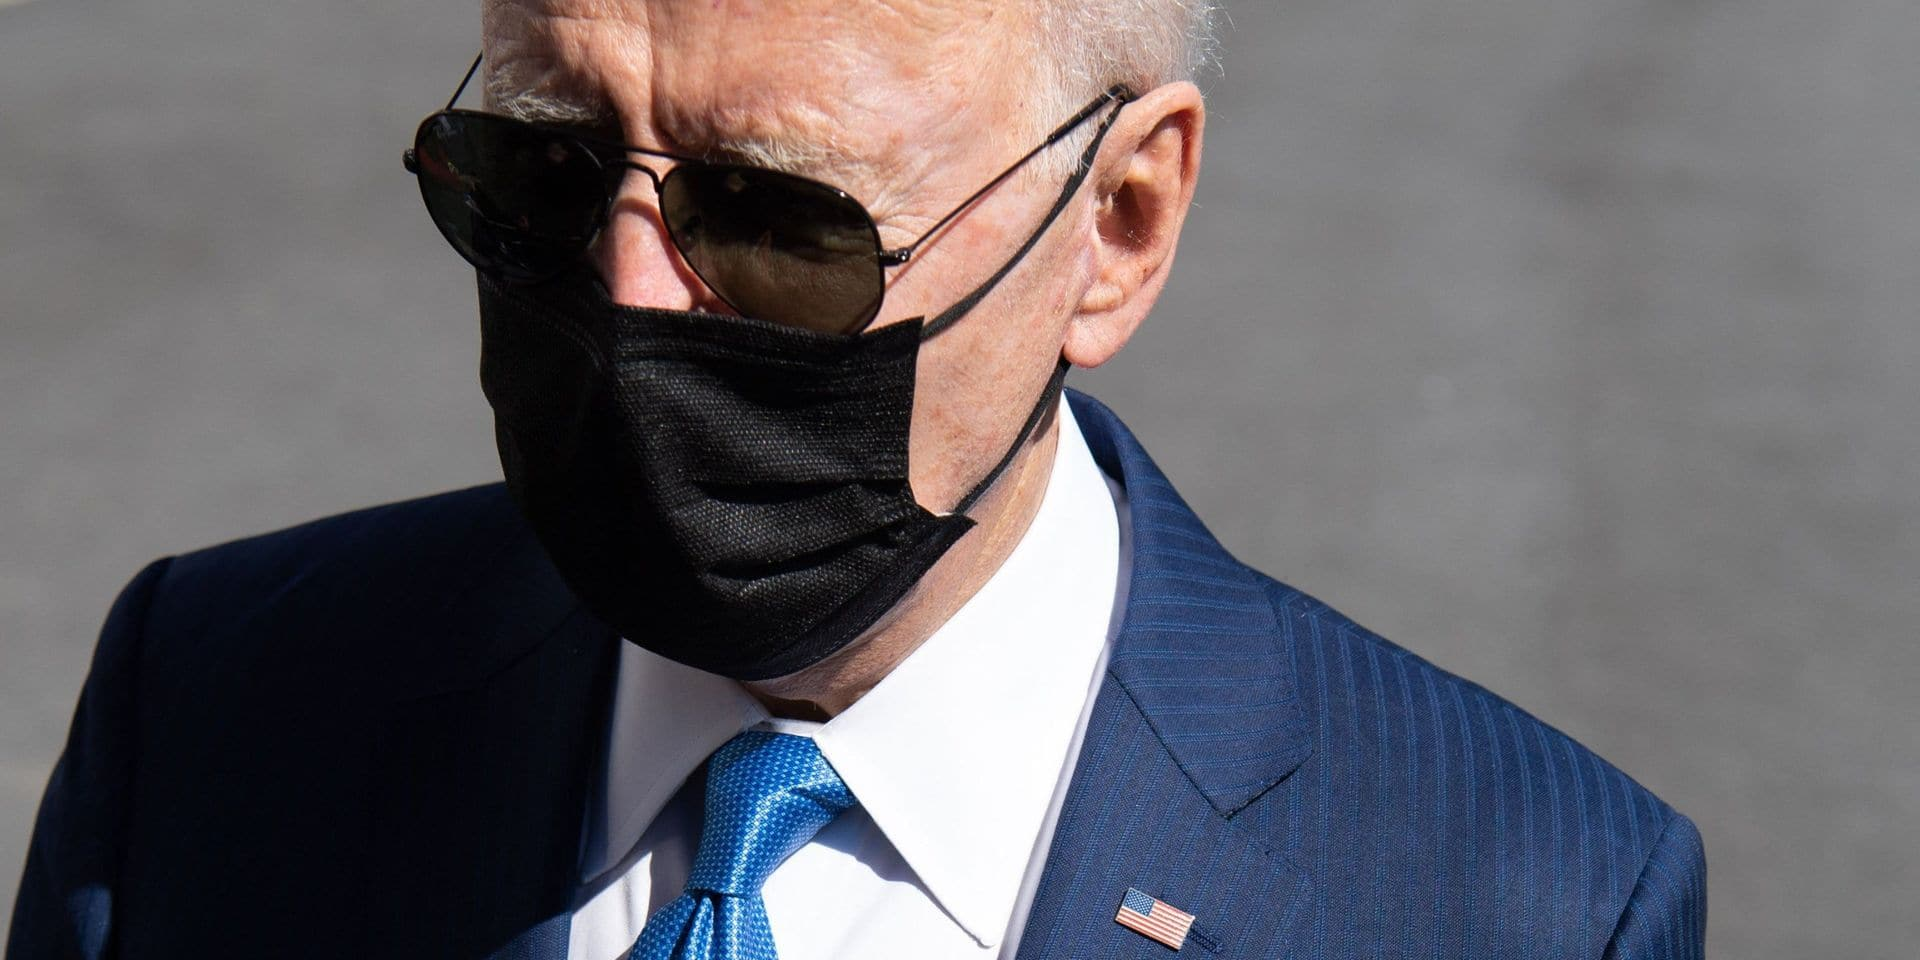 Biden a invité 40 dirigeants à son sommet sur le climat, dont Poutine et Xi Jinping